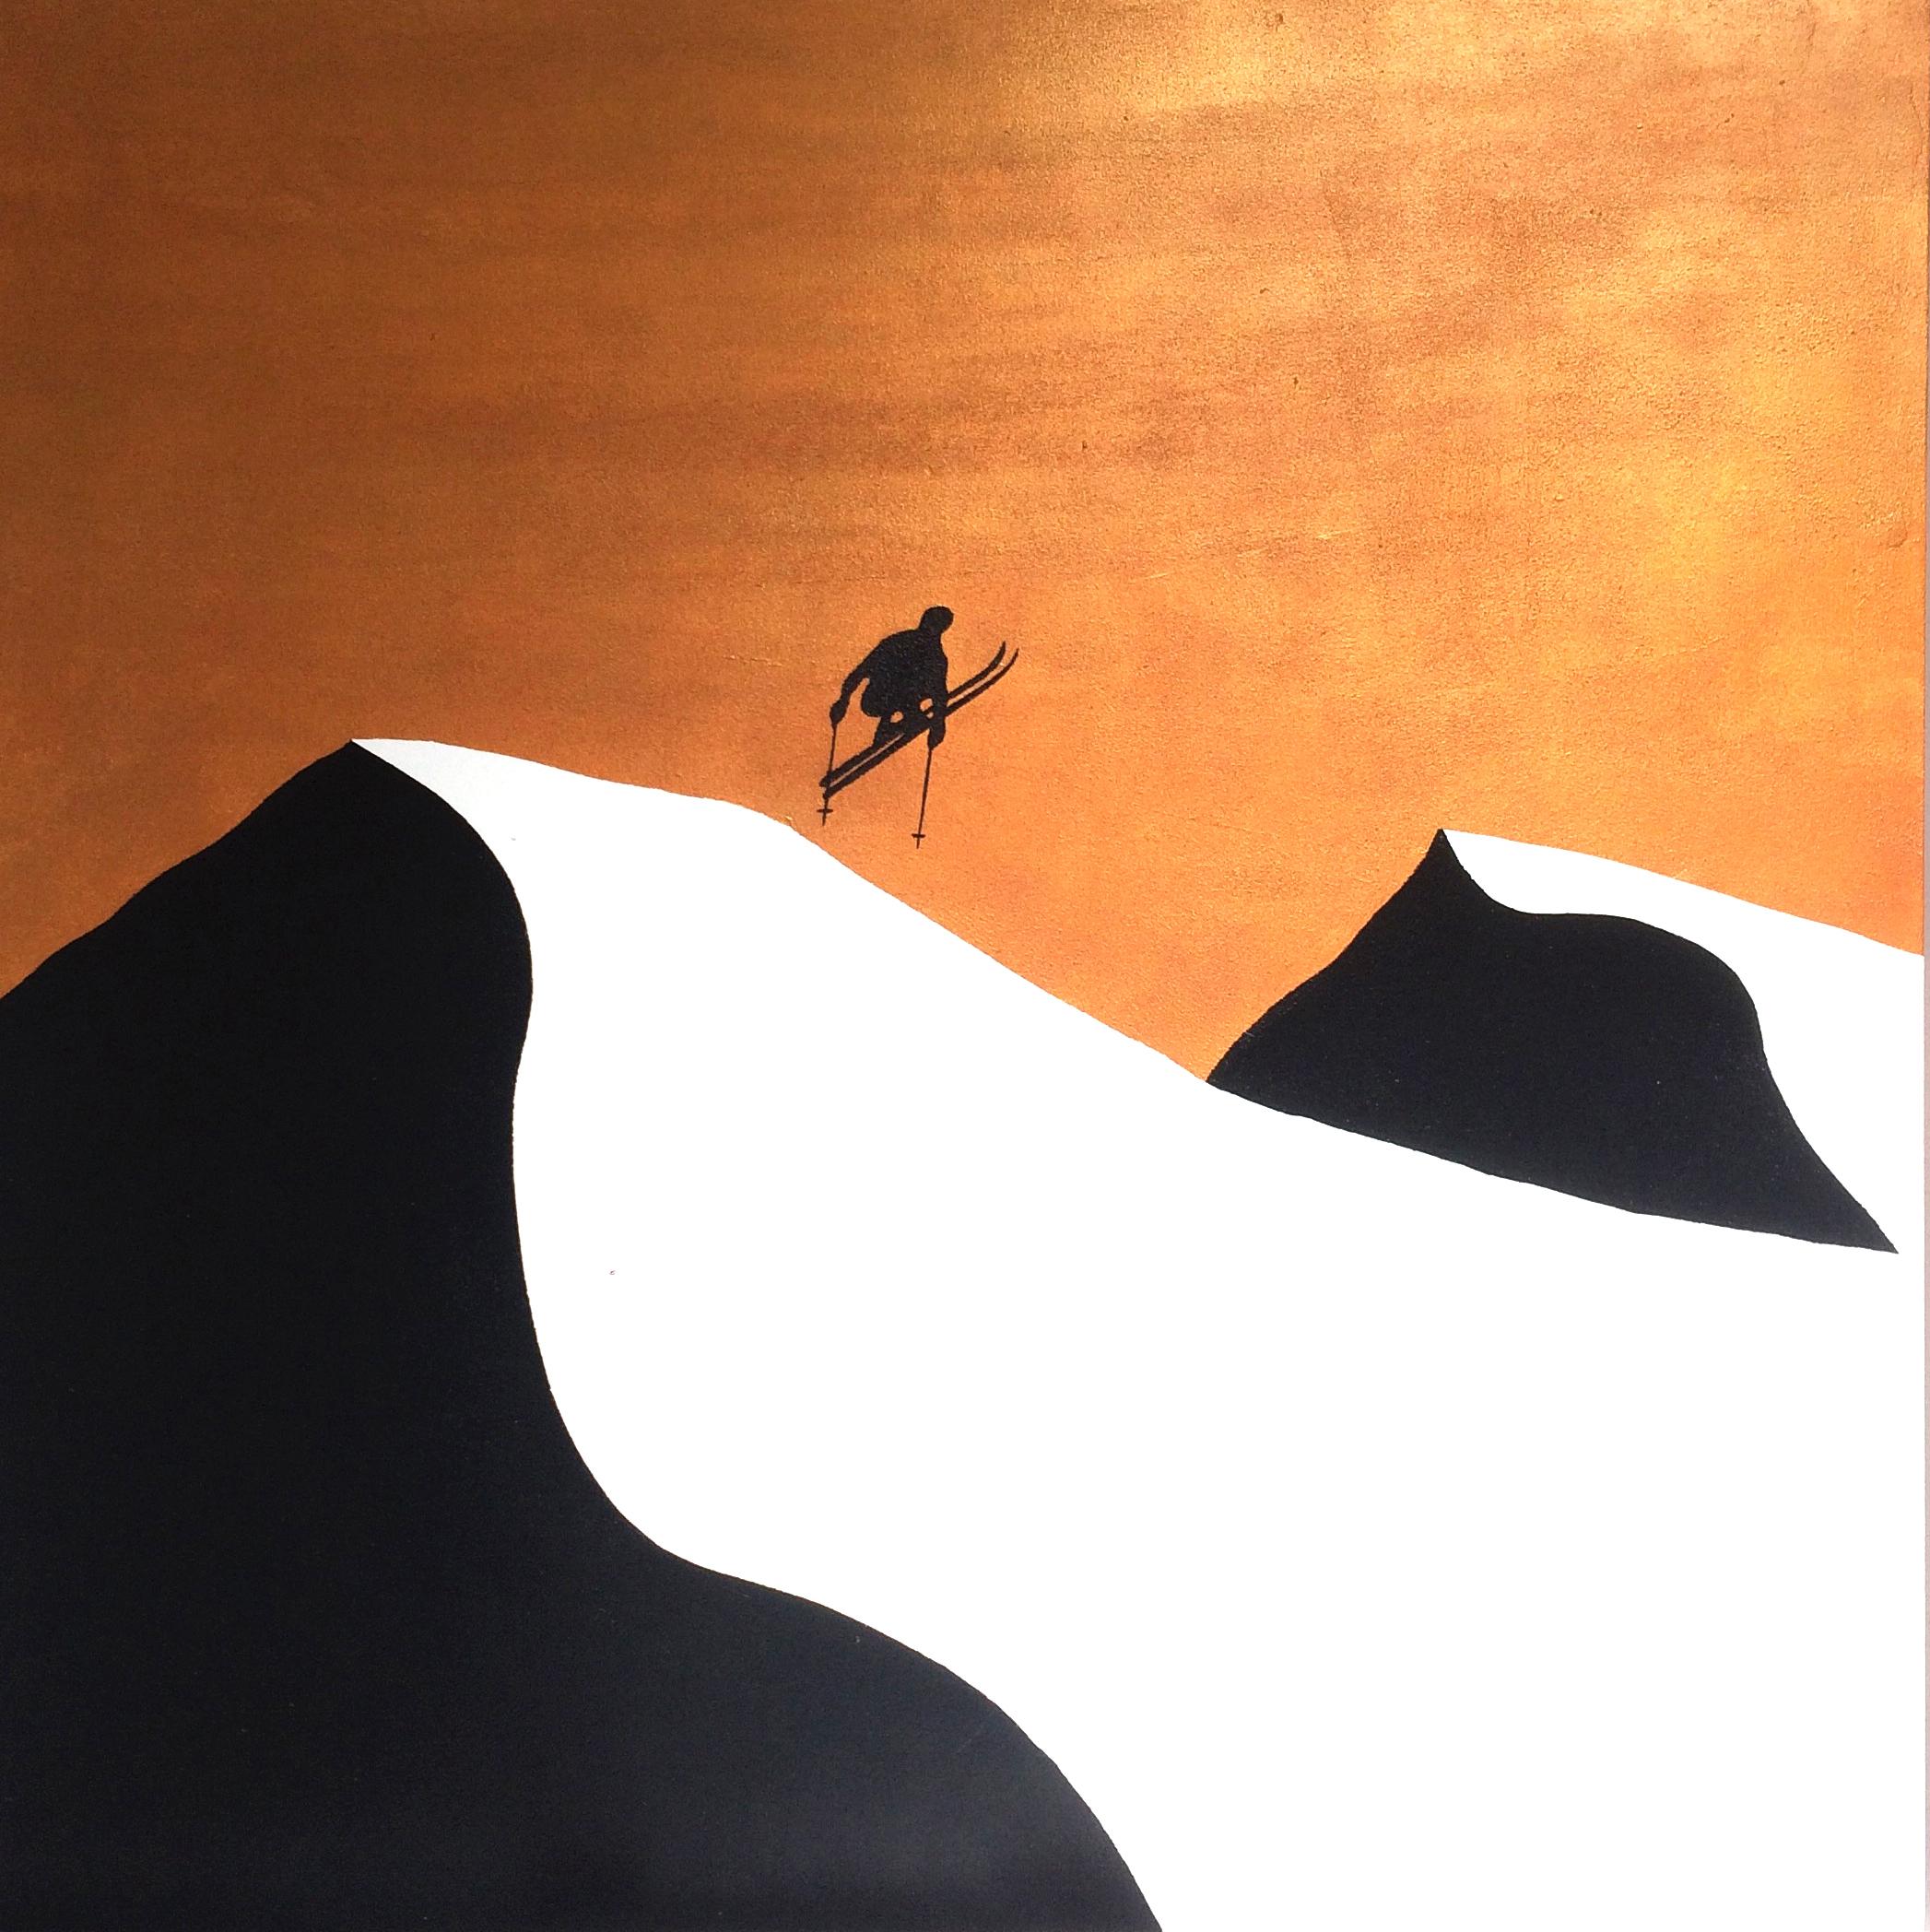 Apres Ski by Rennie Pilgrem